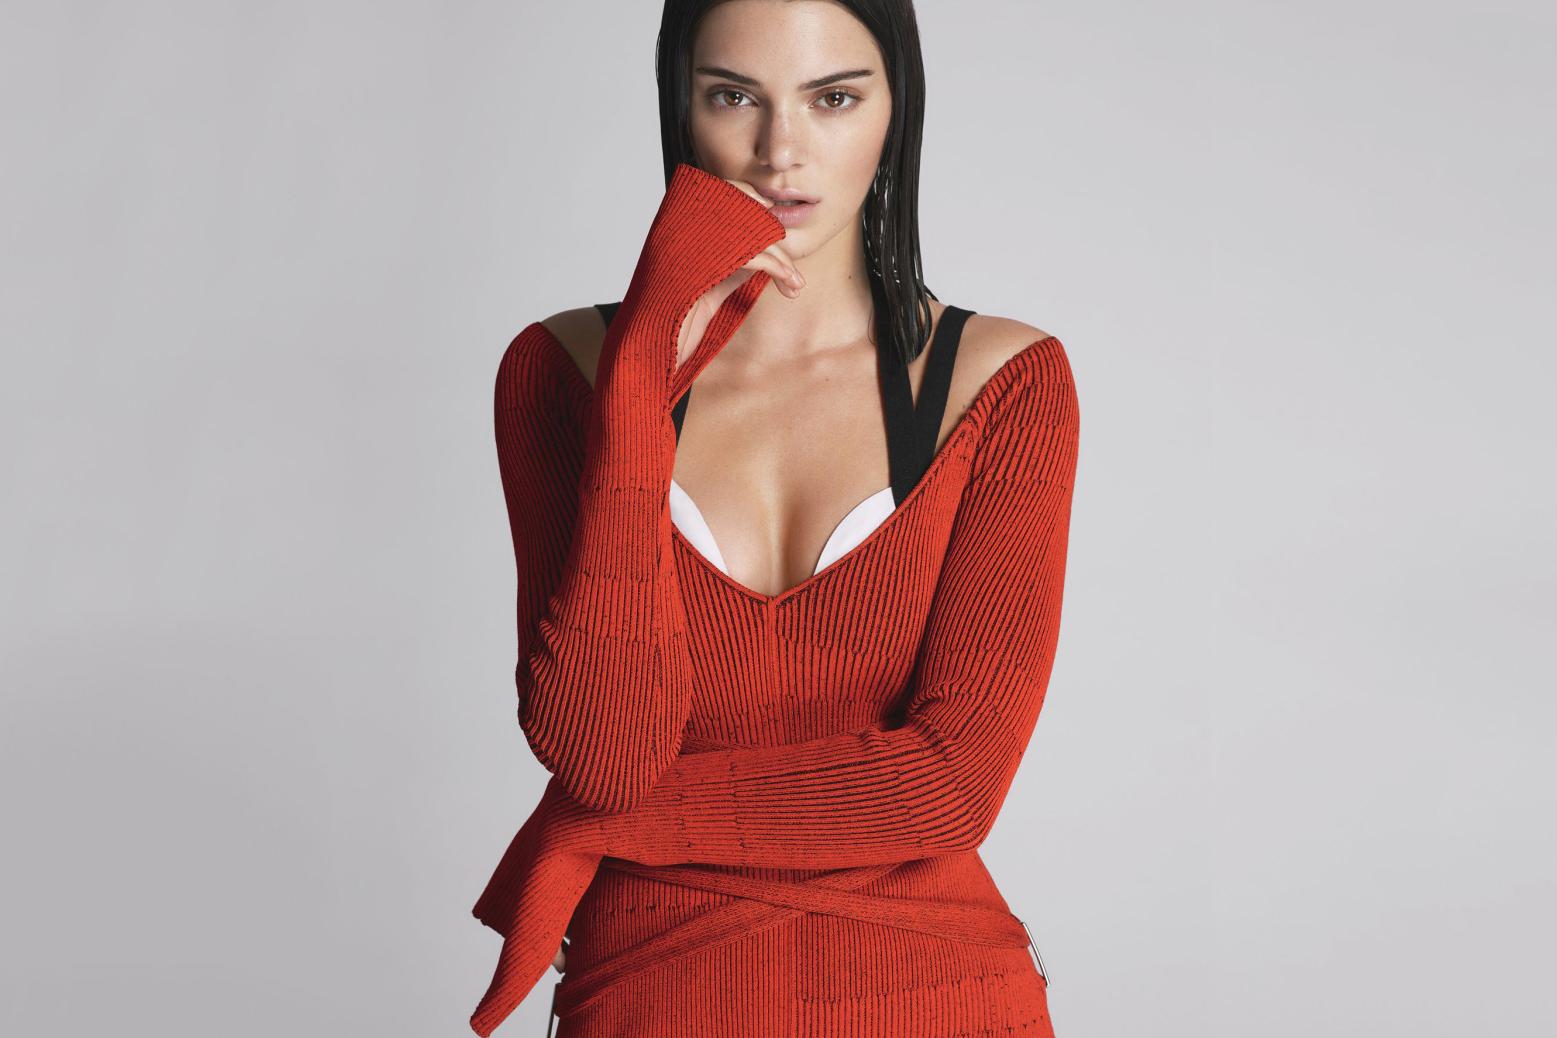 Kendall Jenner Vogue 2016 September - 78447